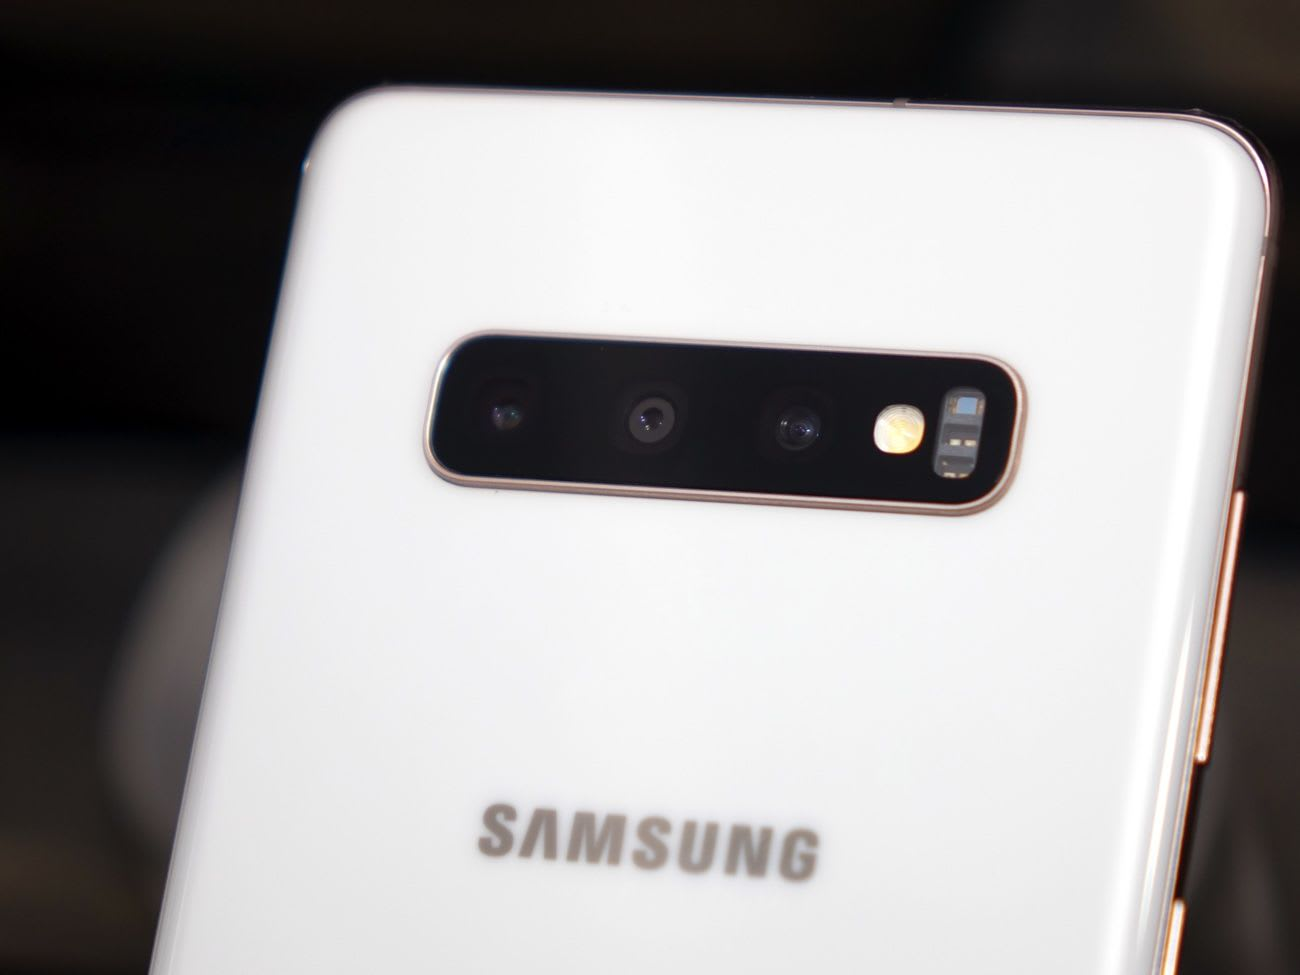 Qualcomm Smartphone Camera